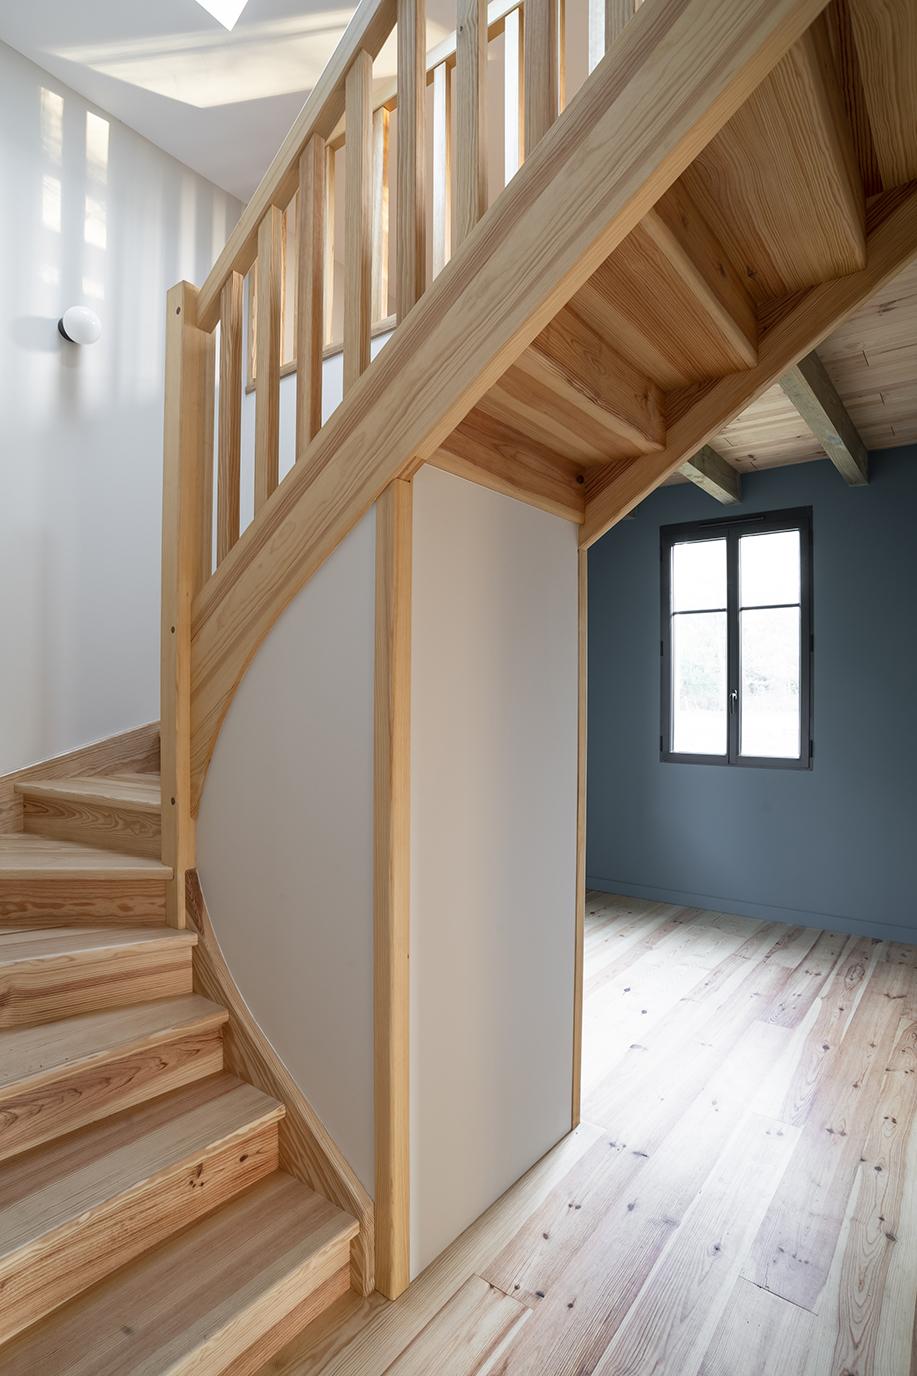 Lalaarchitectes_Landes_Rénovation_escalierfonctionnel